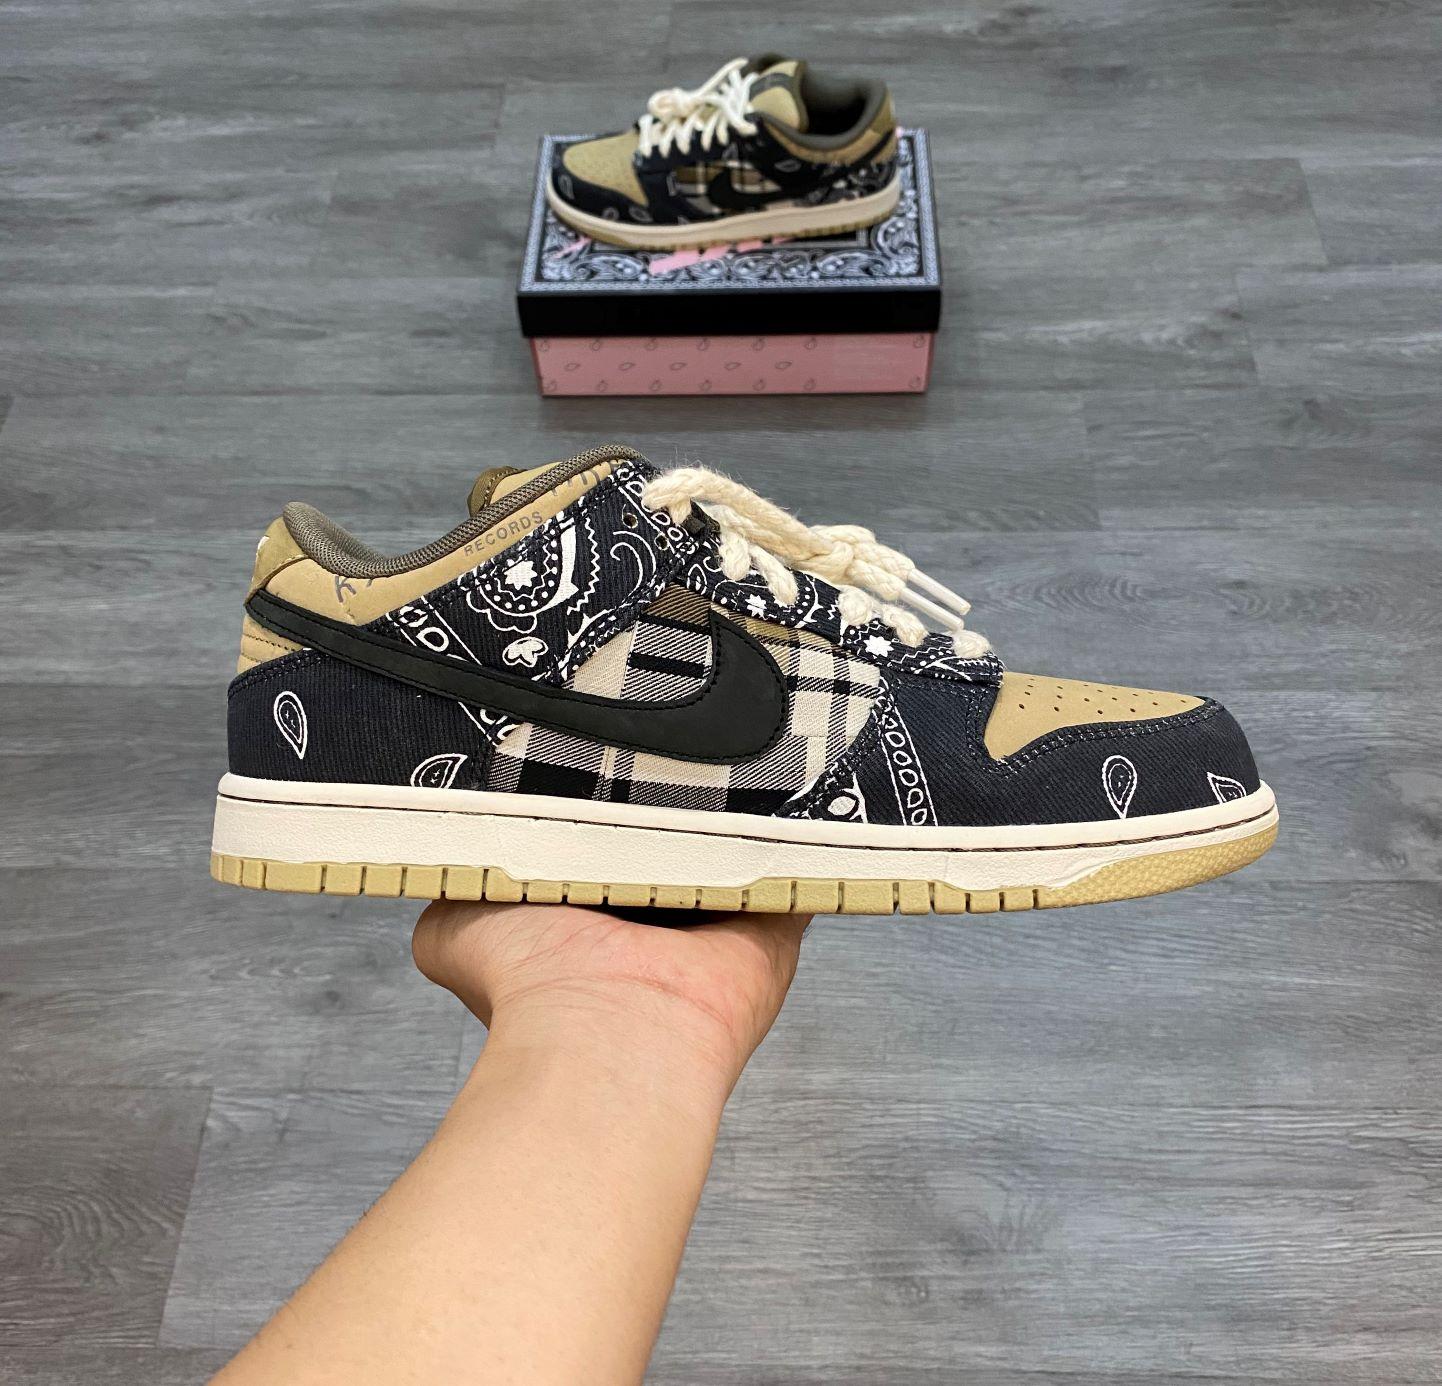 Lựa chọn size giày chính xác mang đến sự thoải mái khi sử dụng